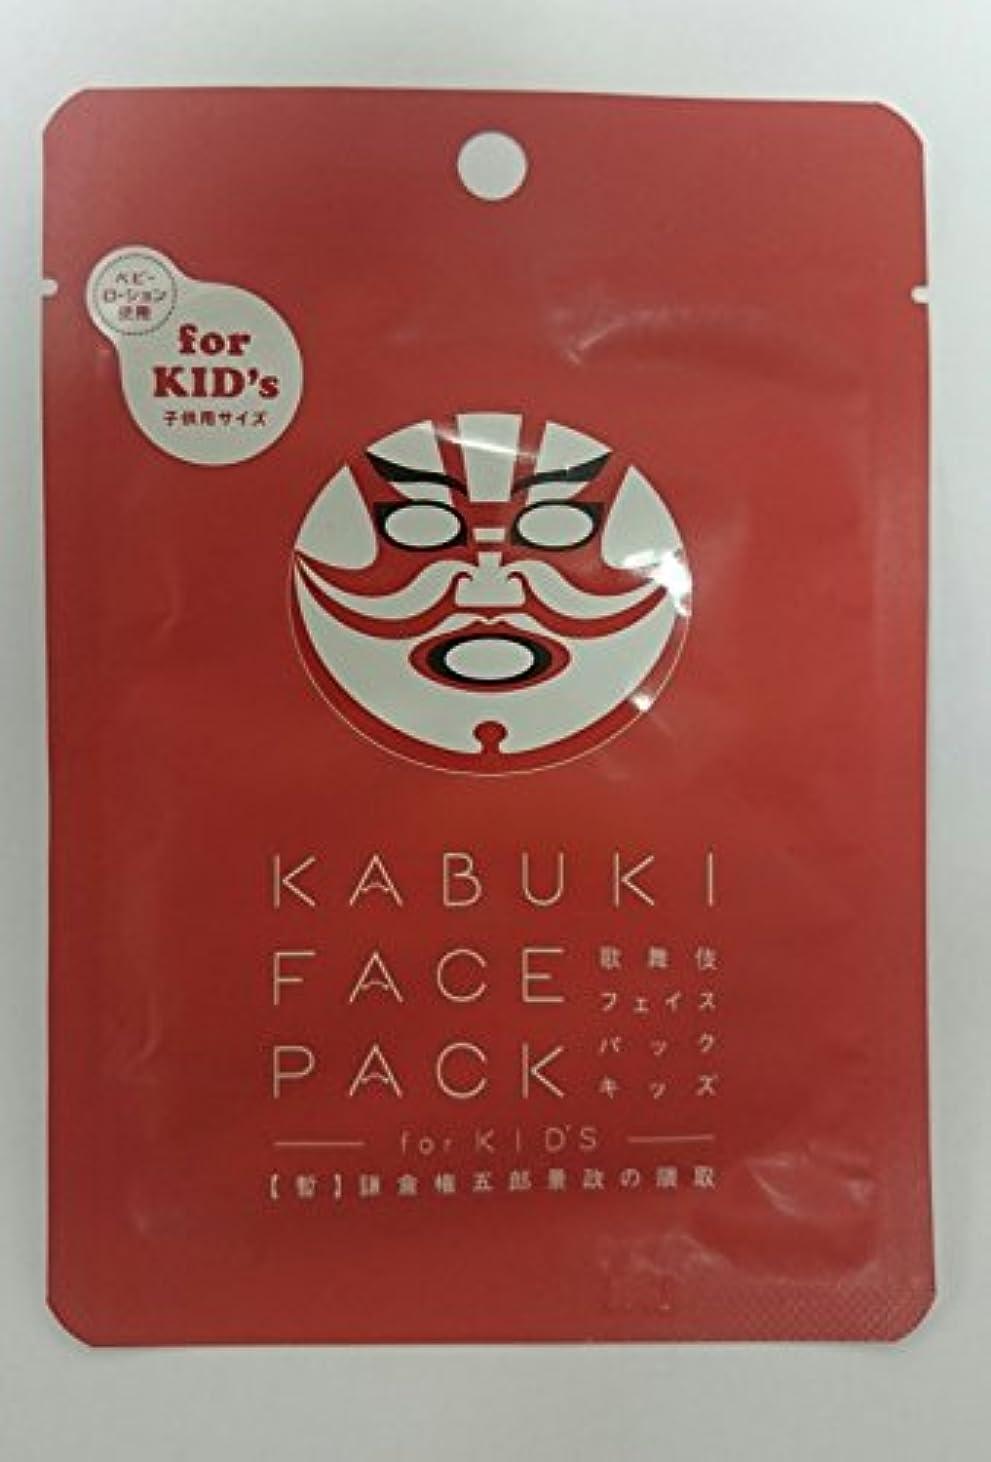 呼び出すママ波歌舞伎フェイスパック 子供用 KABUKI FACE PACK For Kids パンダ トラも! ベビーローション使用